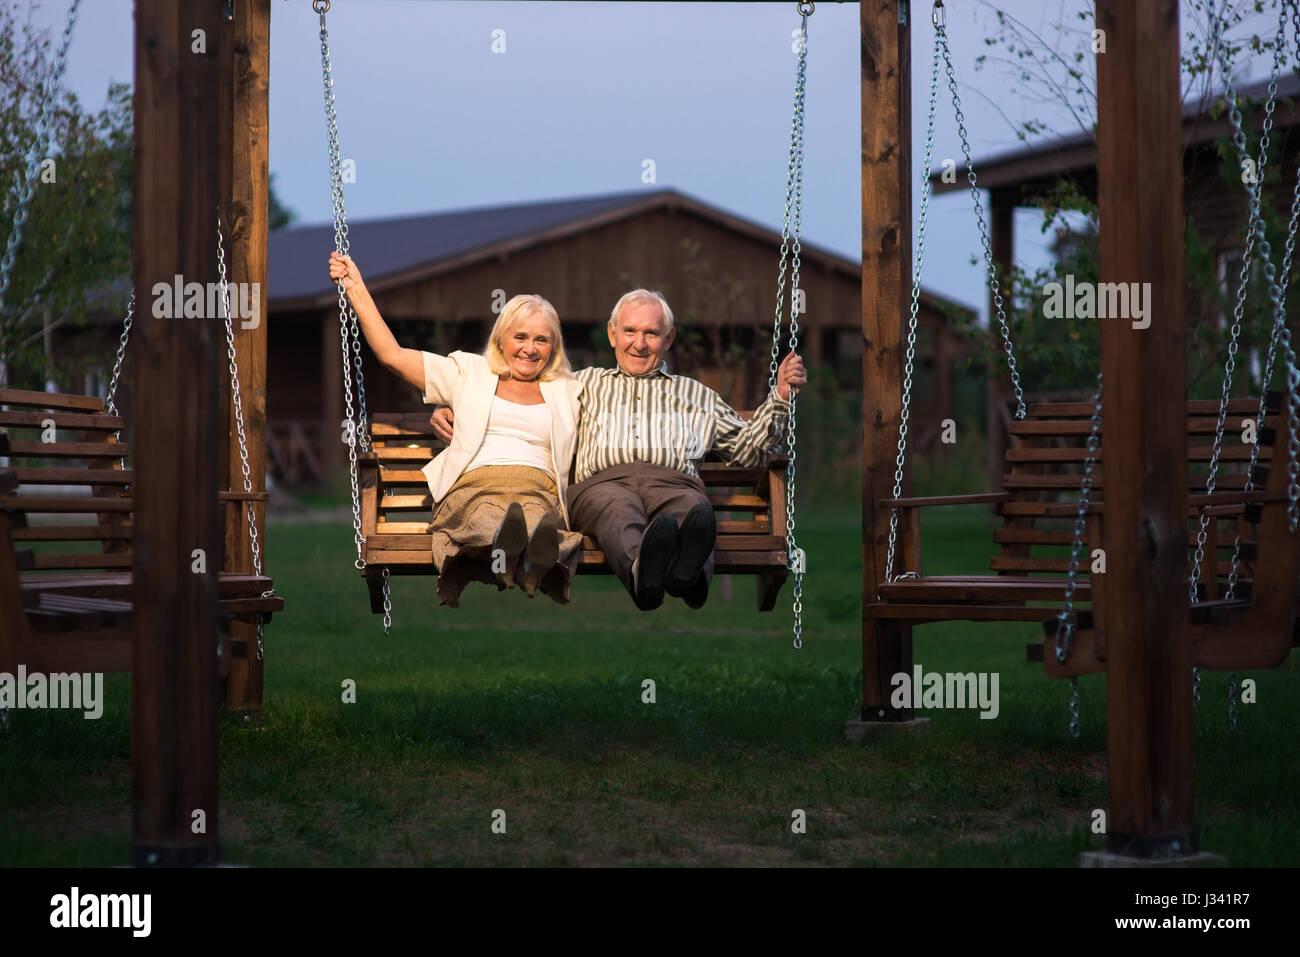 Porch swing couple stockfotos porch swing couple bilder - Veranda schaukel ...